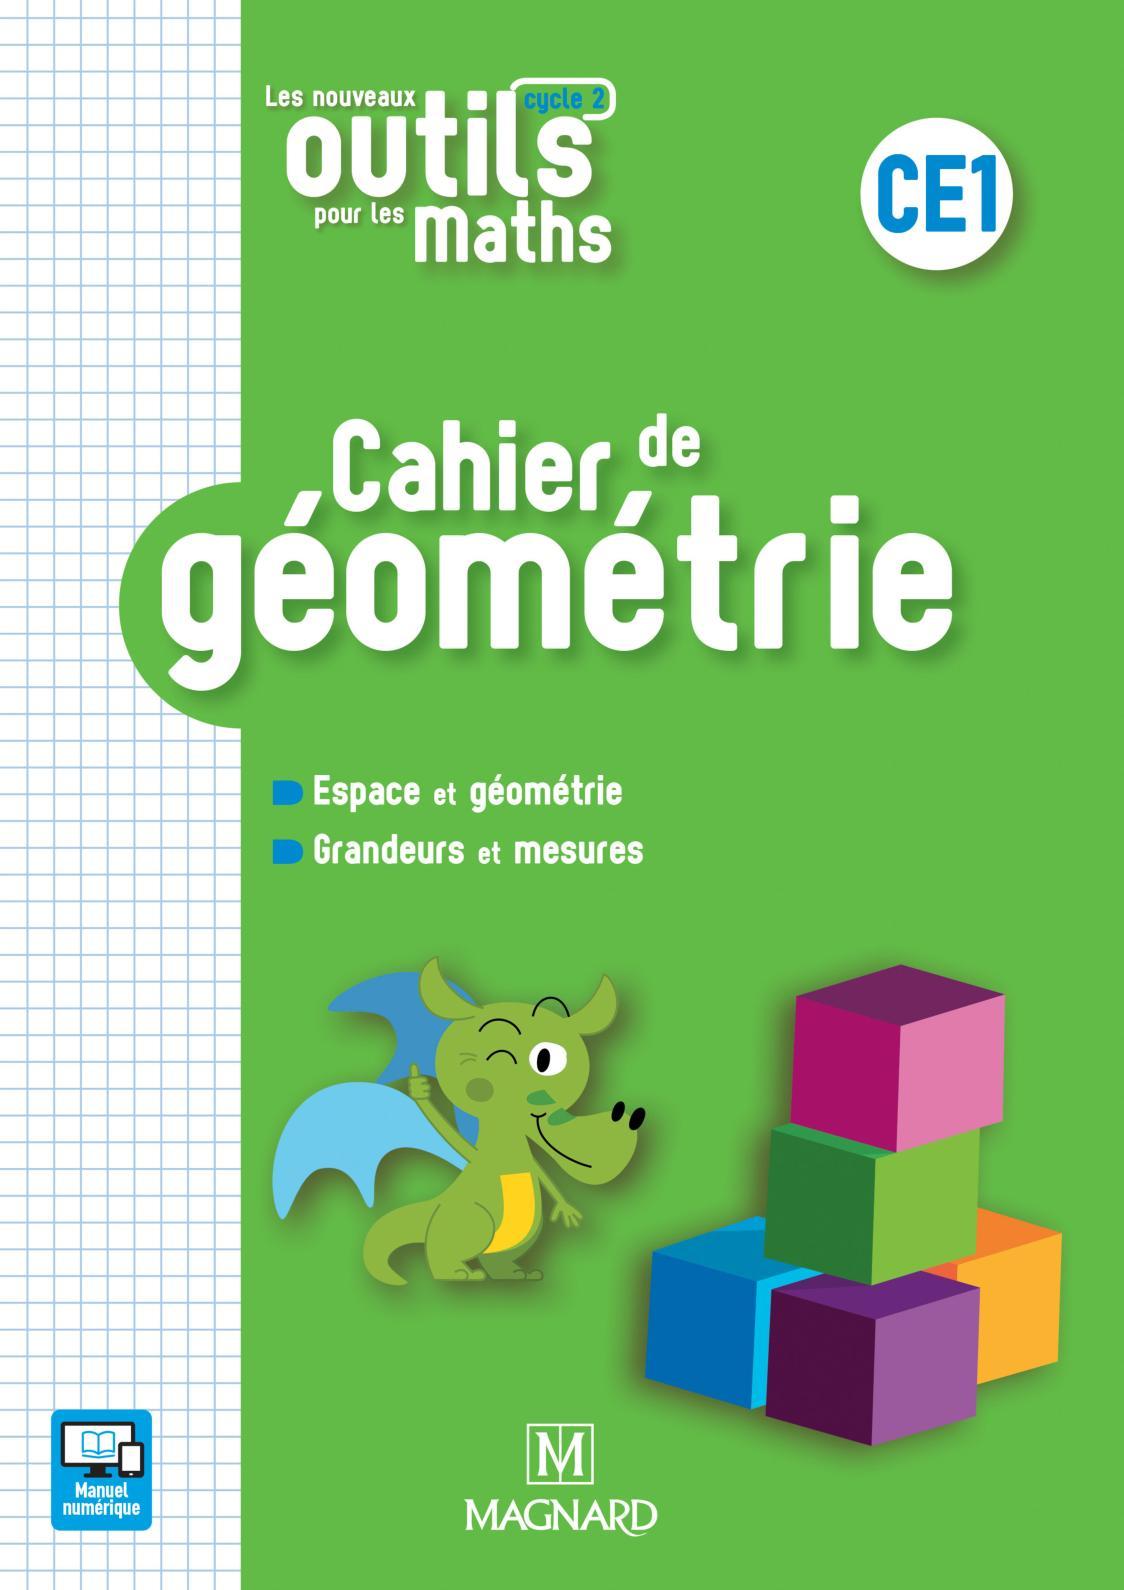 Calaméo - Extrait Cahier De Géométrie Ce1 - Les Nouveaux intérieur Reproduction Sur Quadrillage Ce1